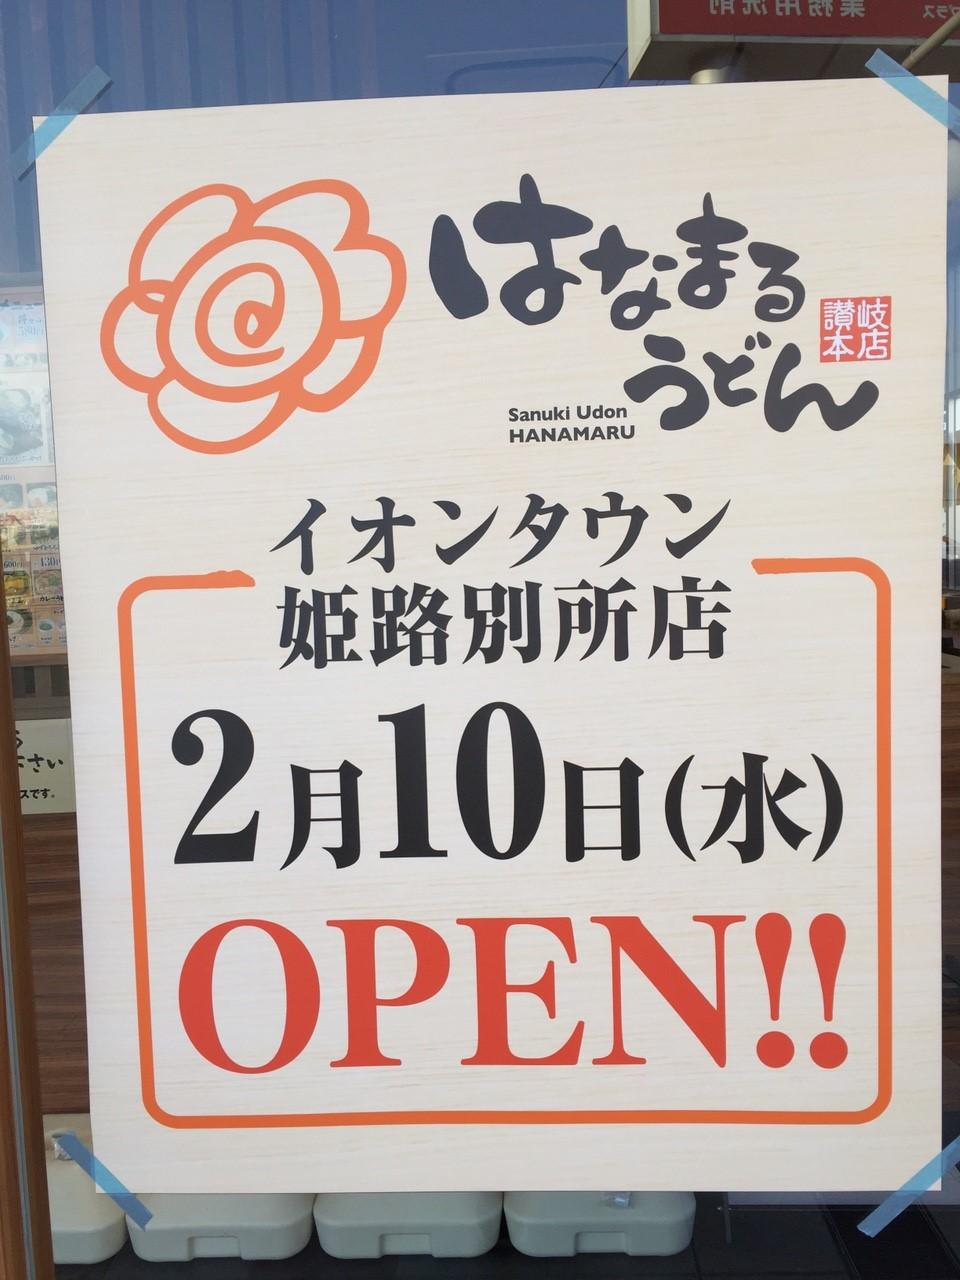 イオンタウン姫路別所店にはなまるうどんが_4737